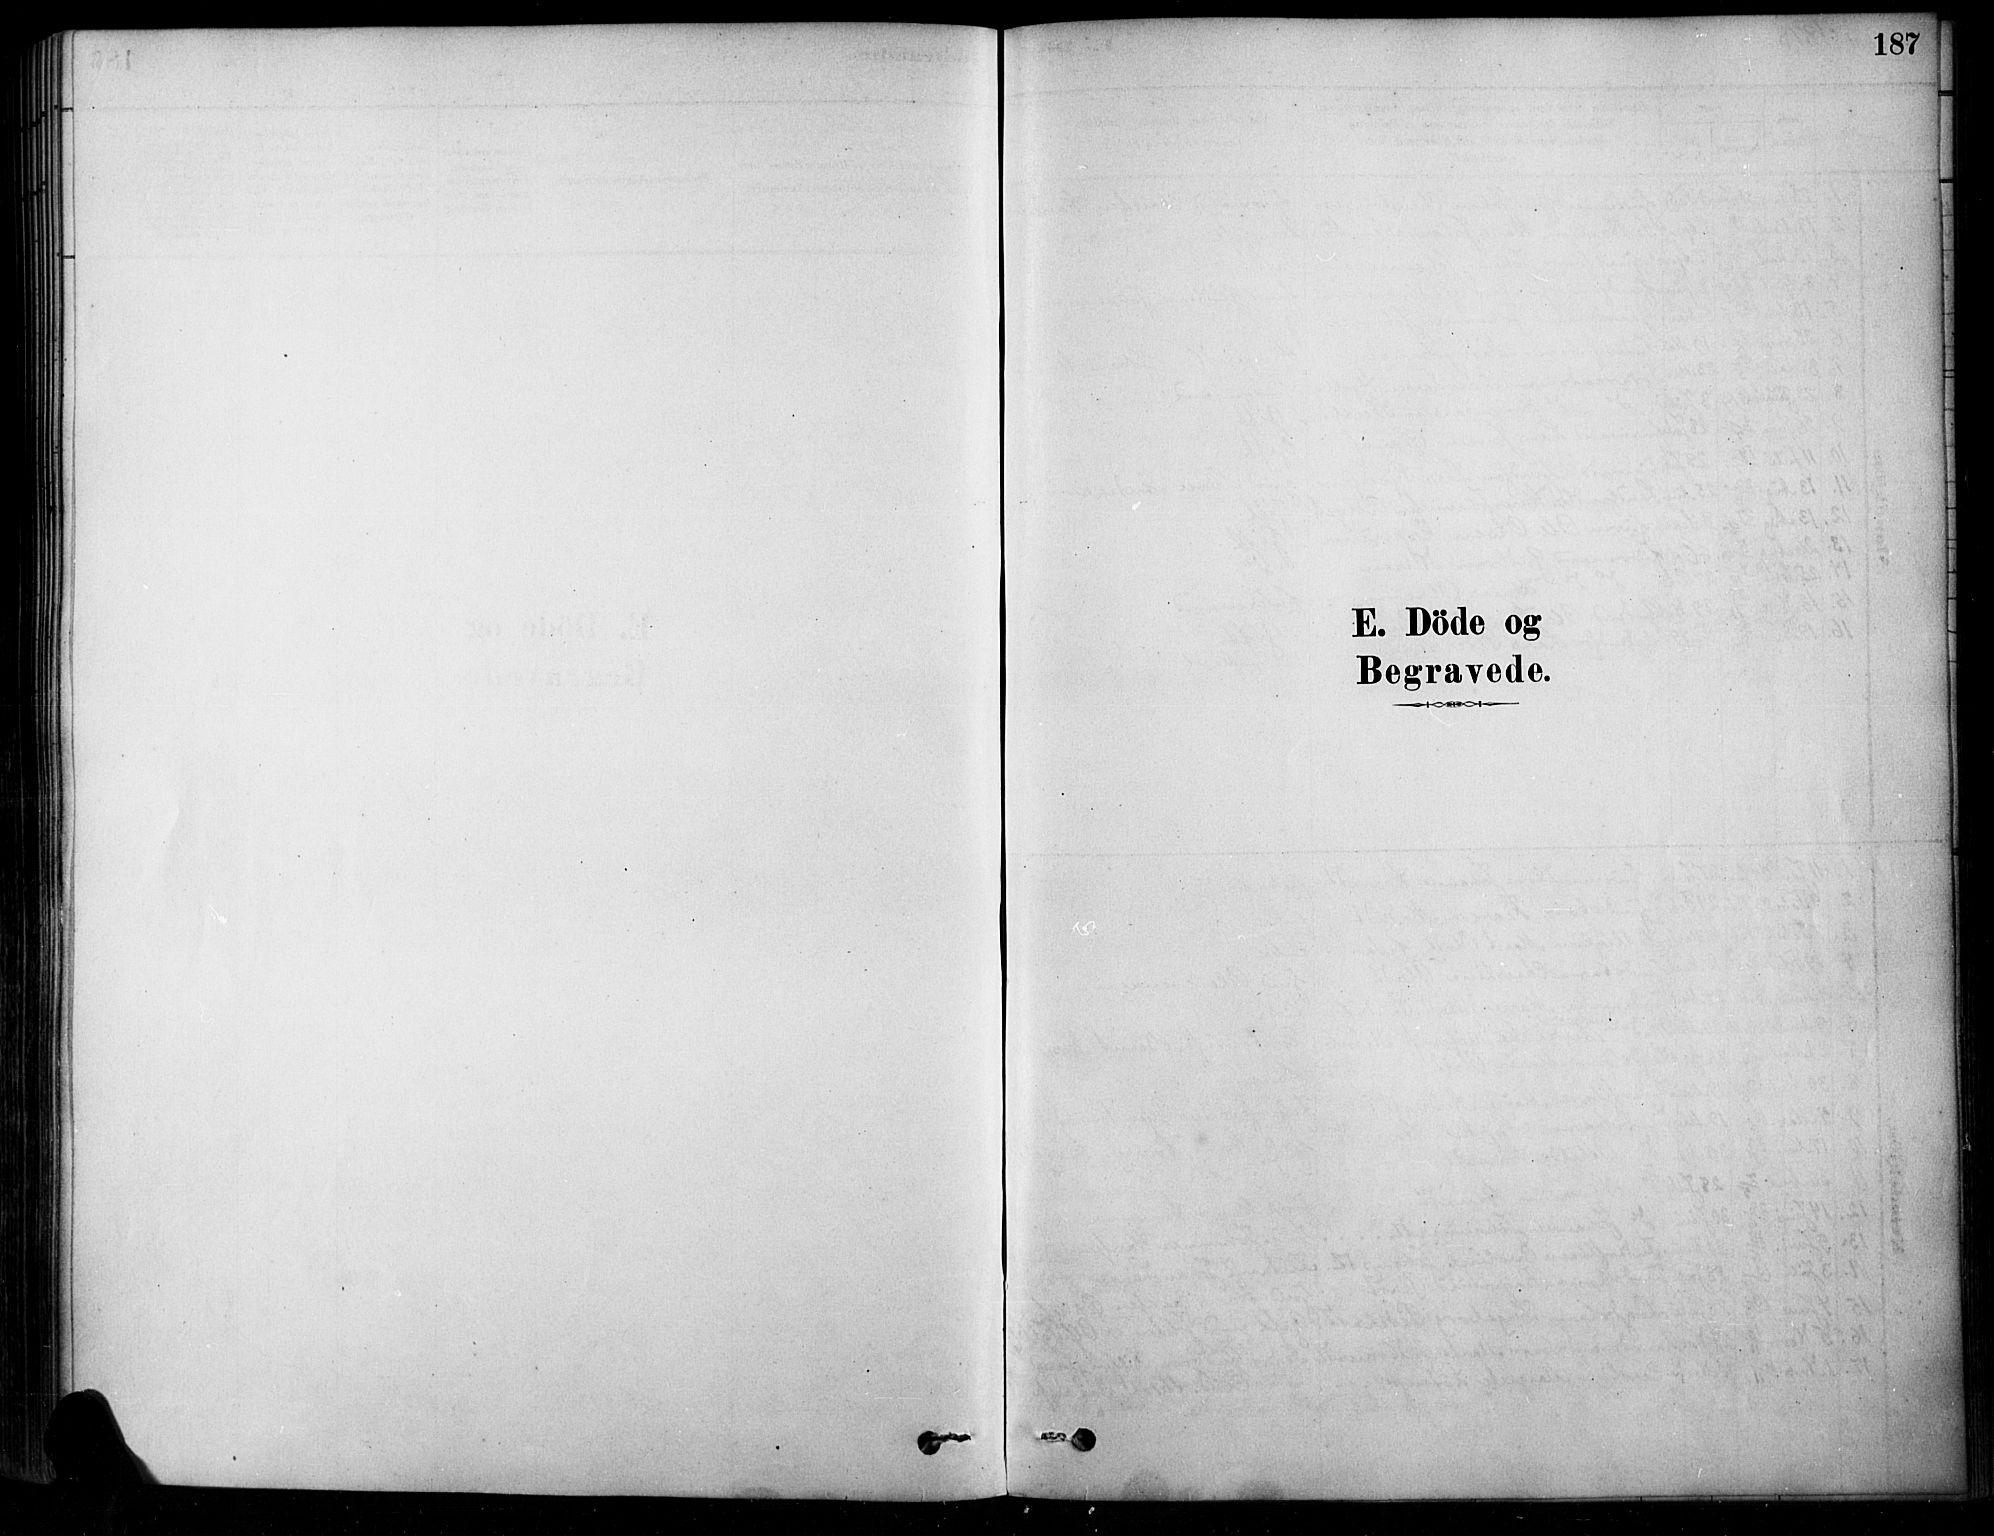 SAH, Søndre Land prestekontor, K/L0003: Ministerialbok nr. 3, 1878-1894, s. 187